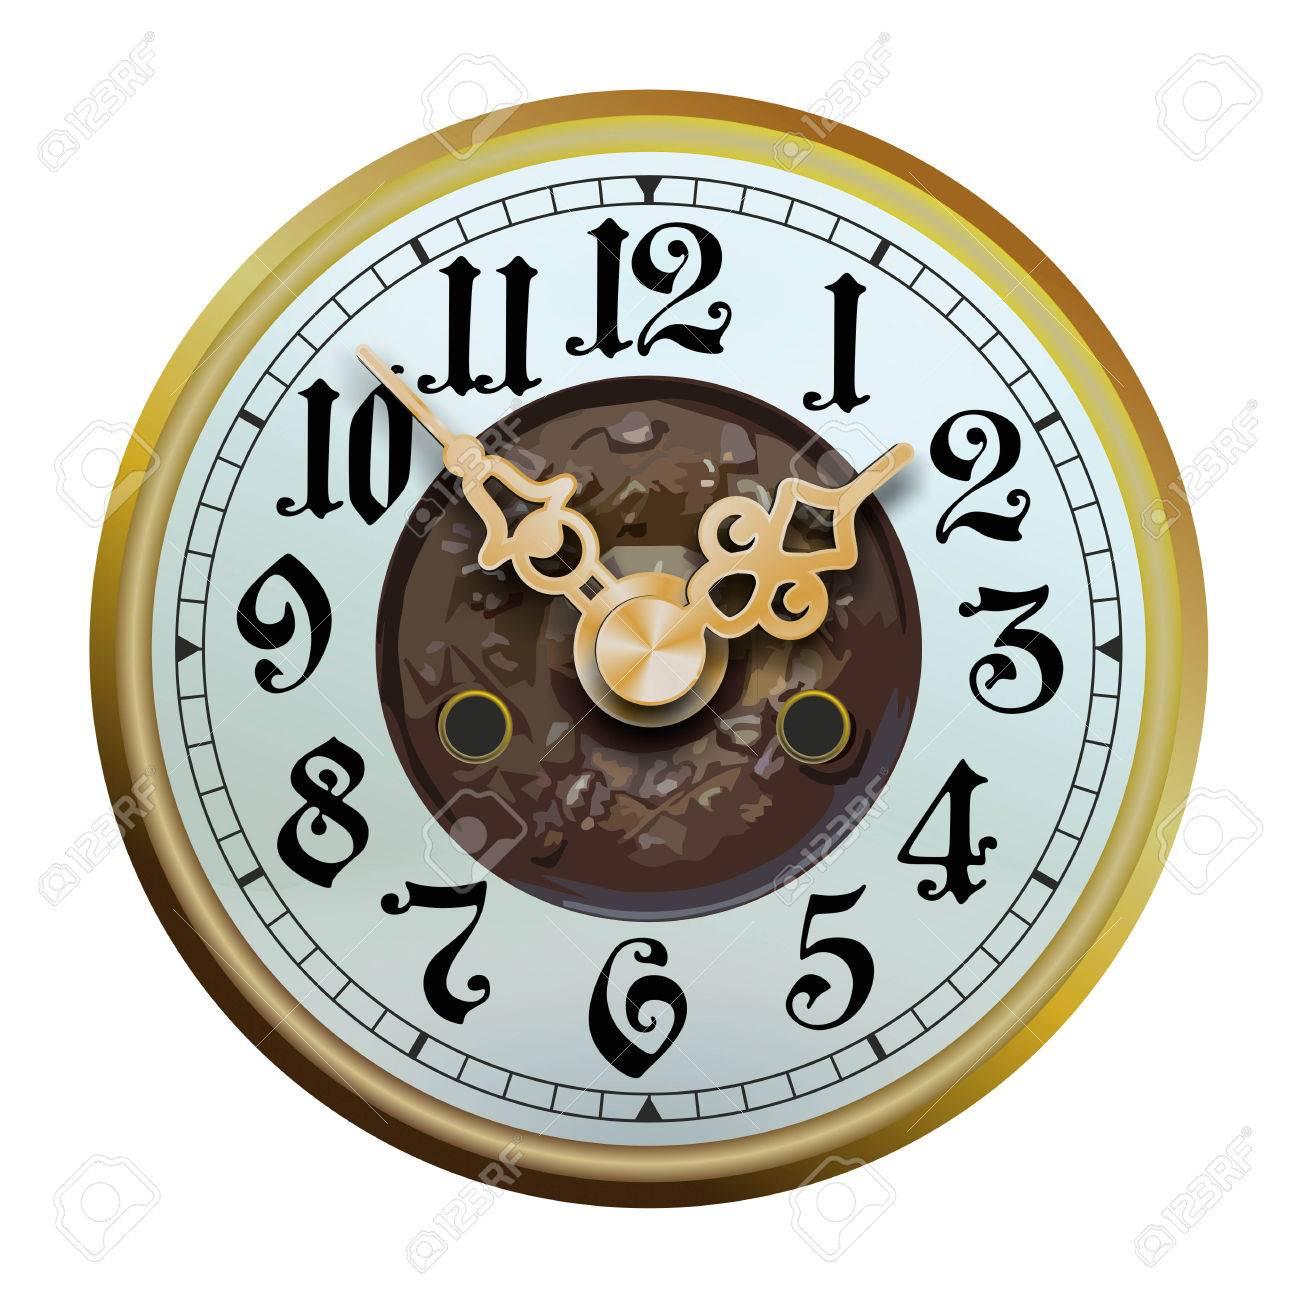 Viejo Cara Del Reloj Histórico Con Embellecidos Manecillas Del